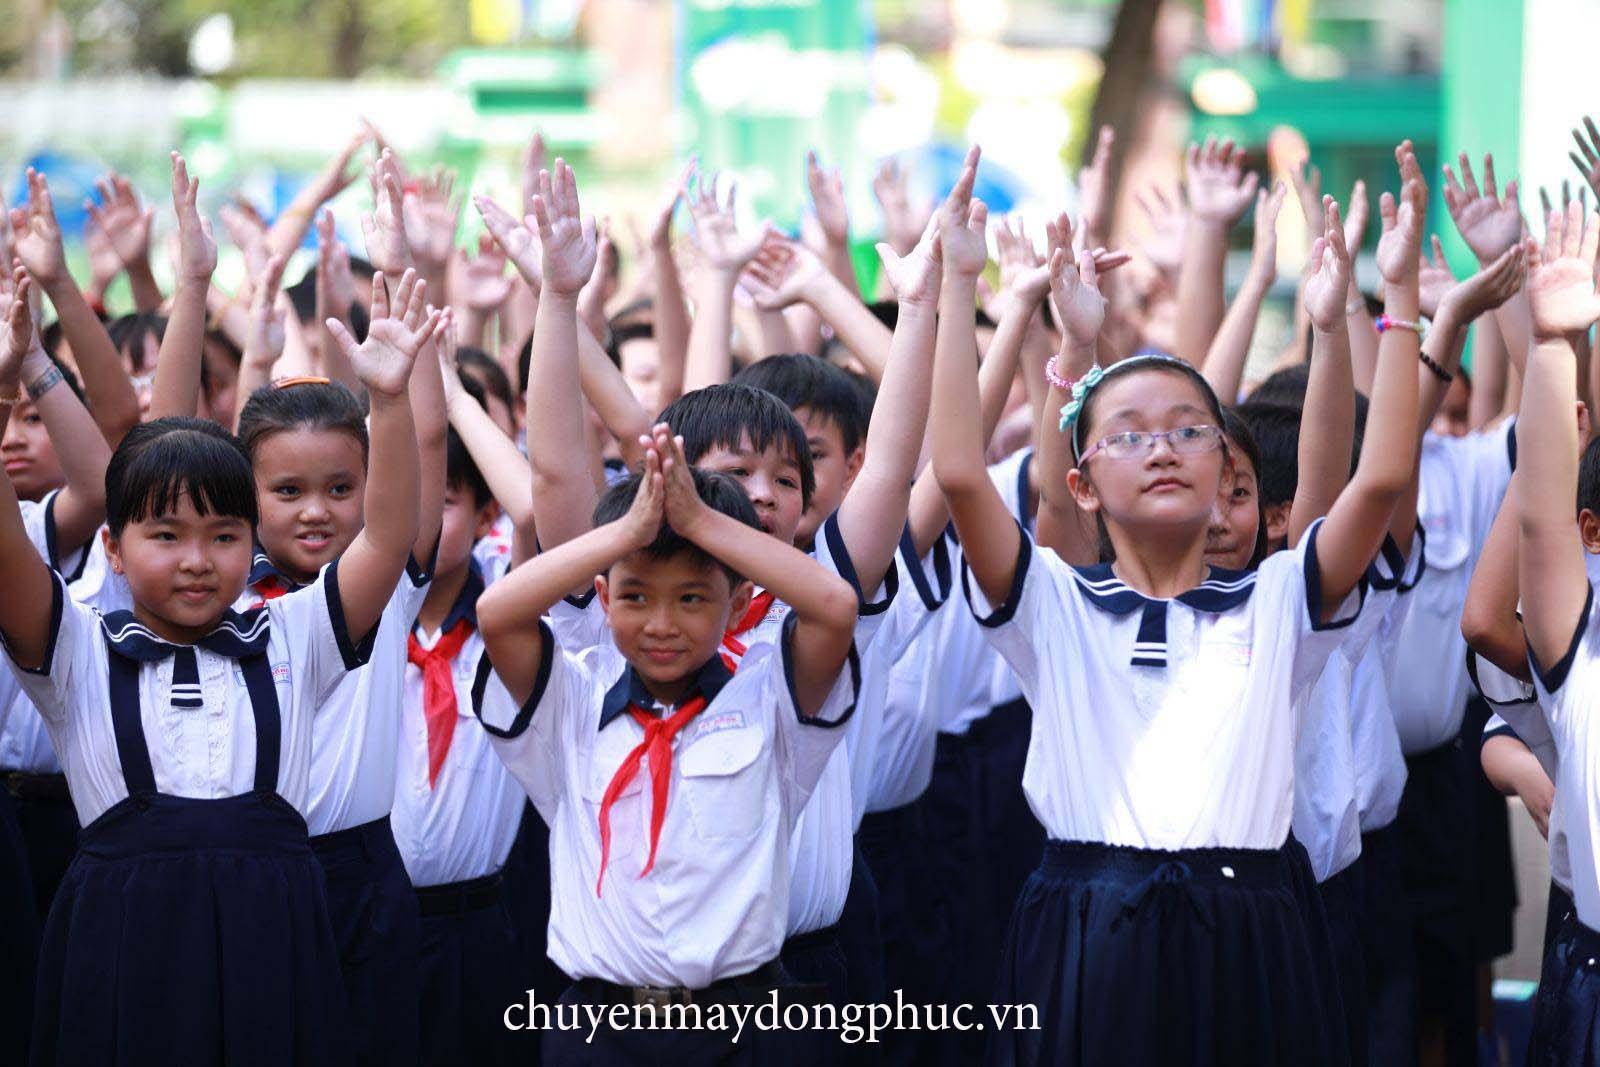 Chuyên may đồng phục trường tiểu học tại quận 6